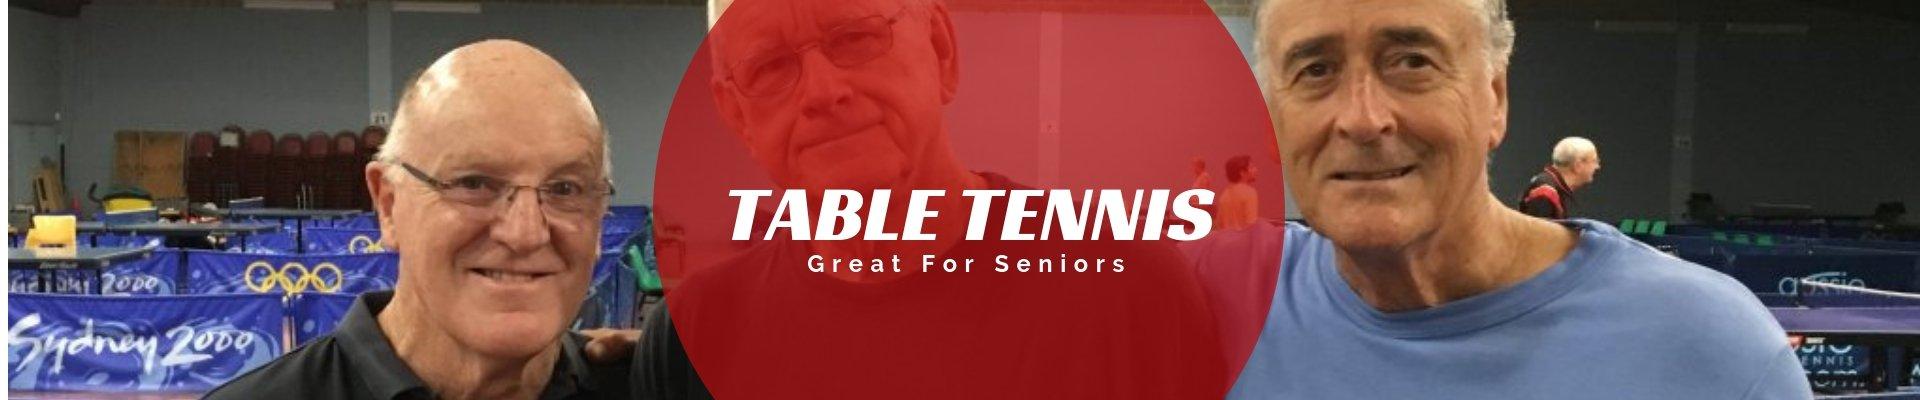 table tennis for seniors